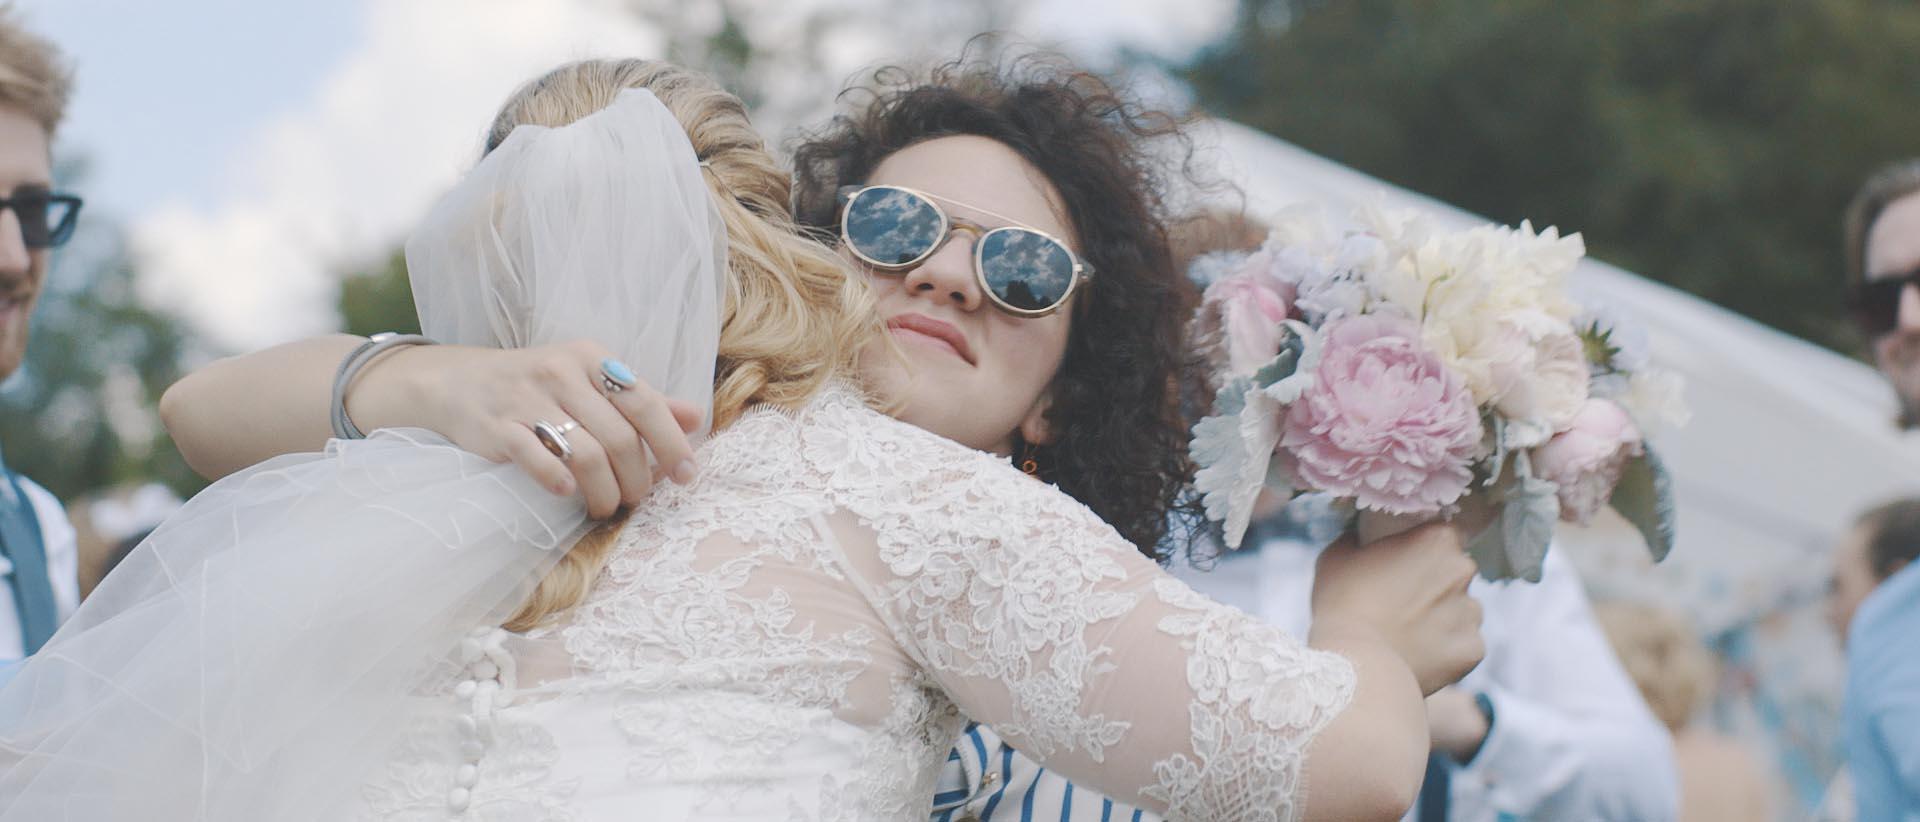 event videos bristol - wedding film